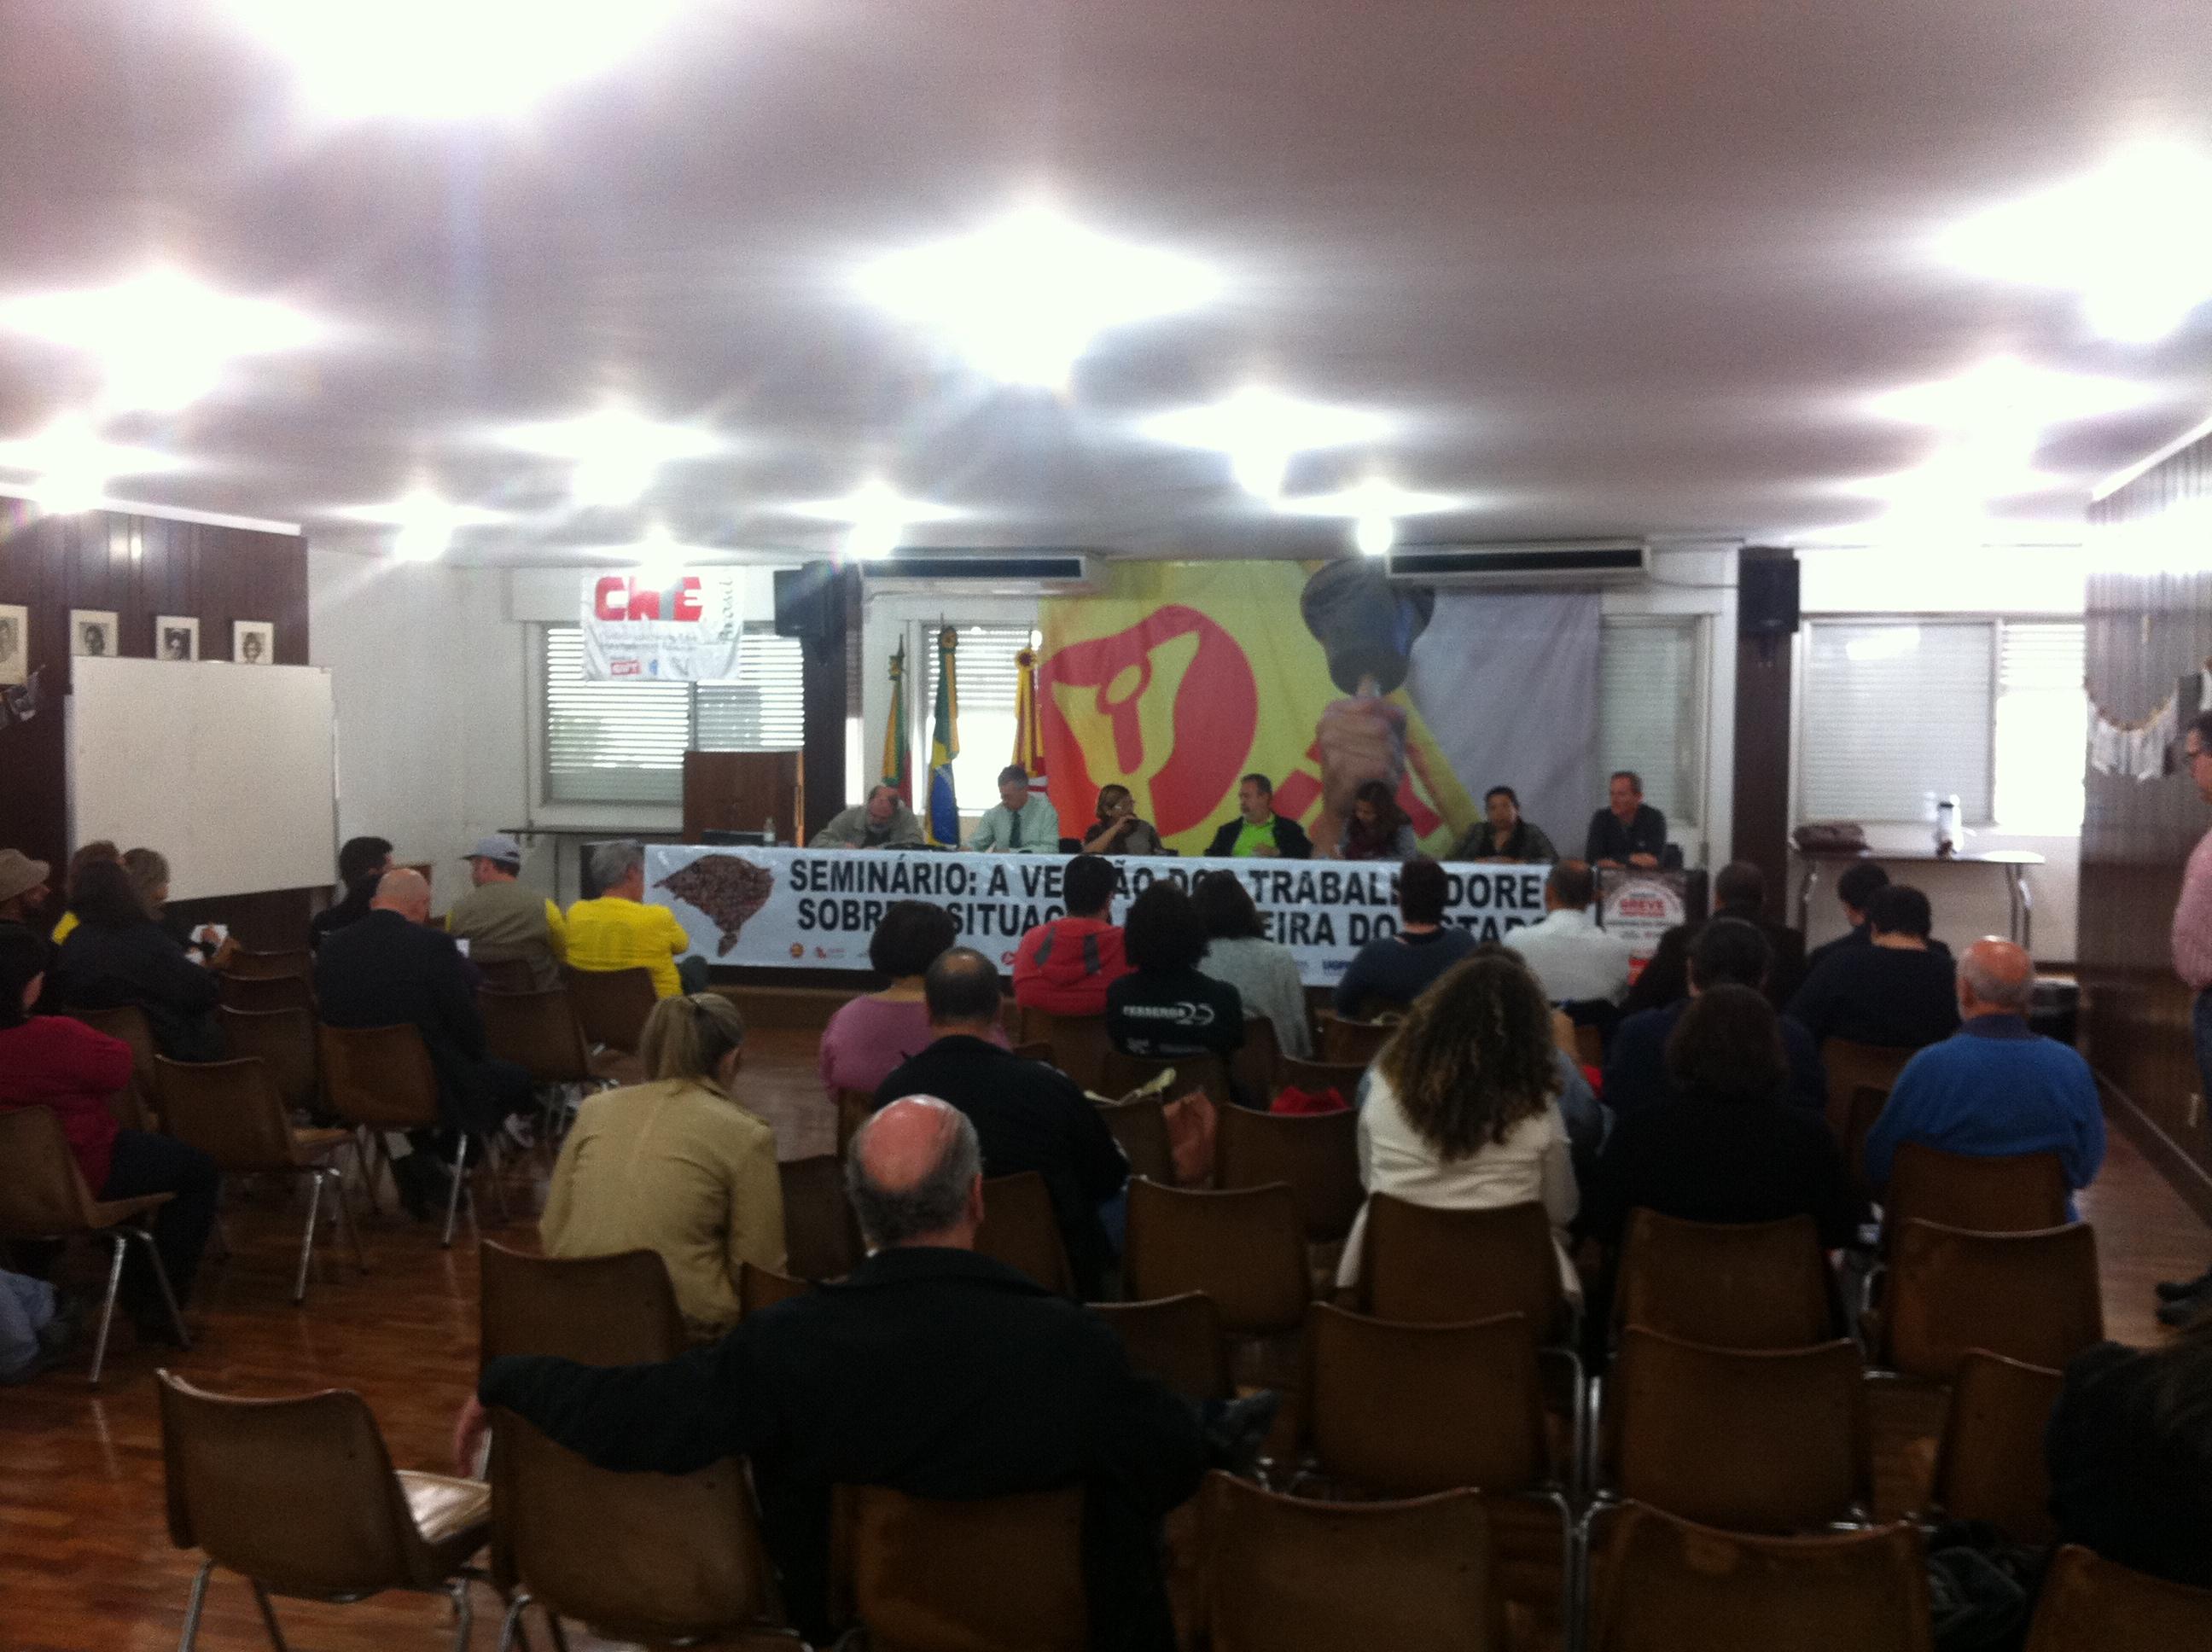 Movimento unificado se reuniu a portas fechadas na sede do Cpers (Agência RBS/Caetanno Freitas)